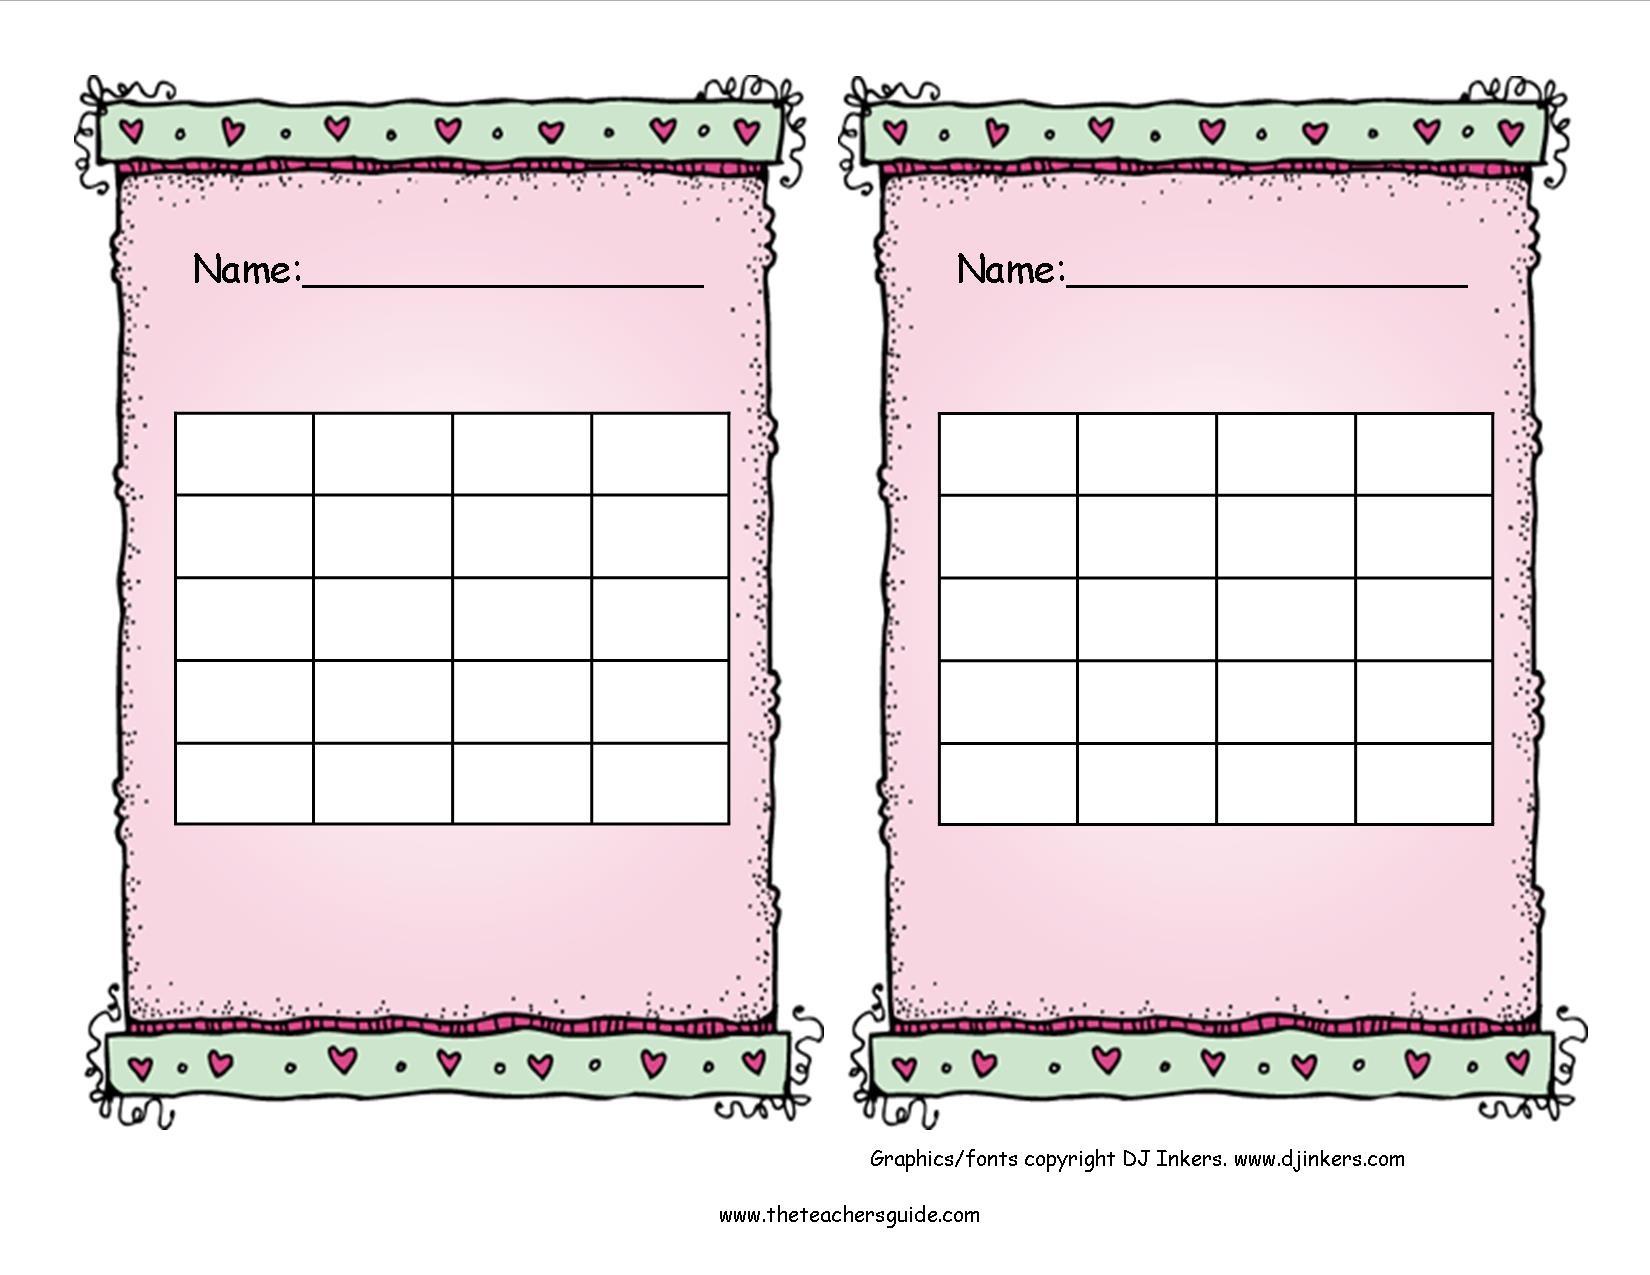 Free Printable Reward And Incentive Charts - Free Printable Incentive Charts For Students